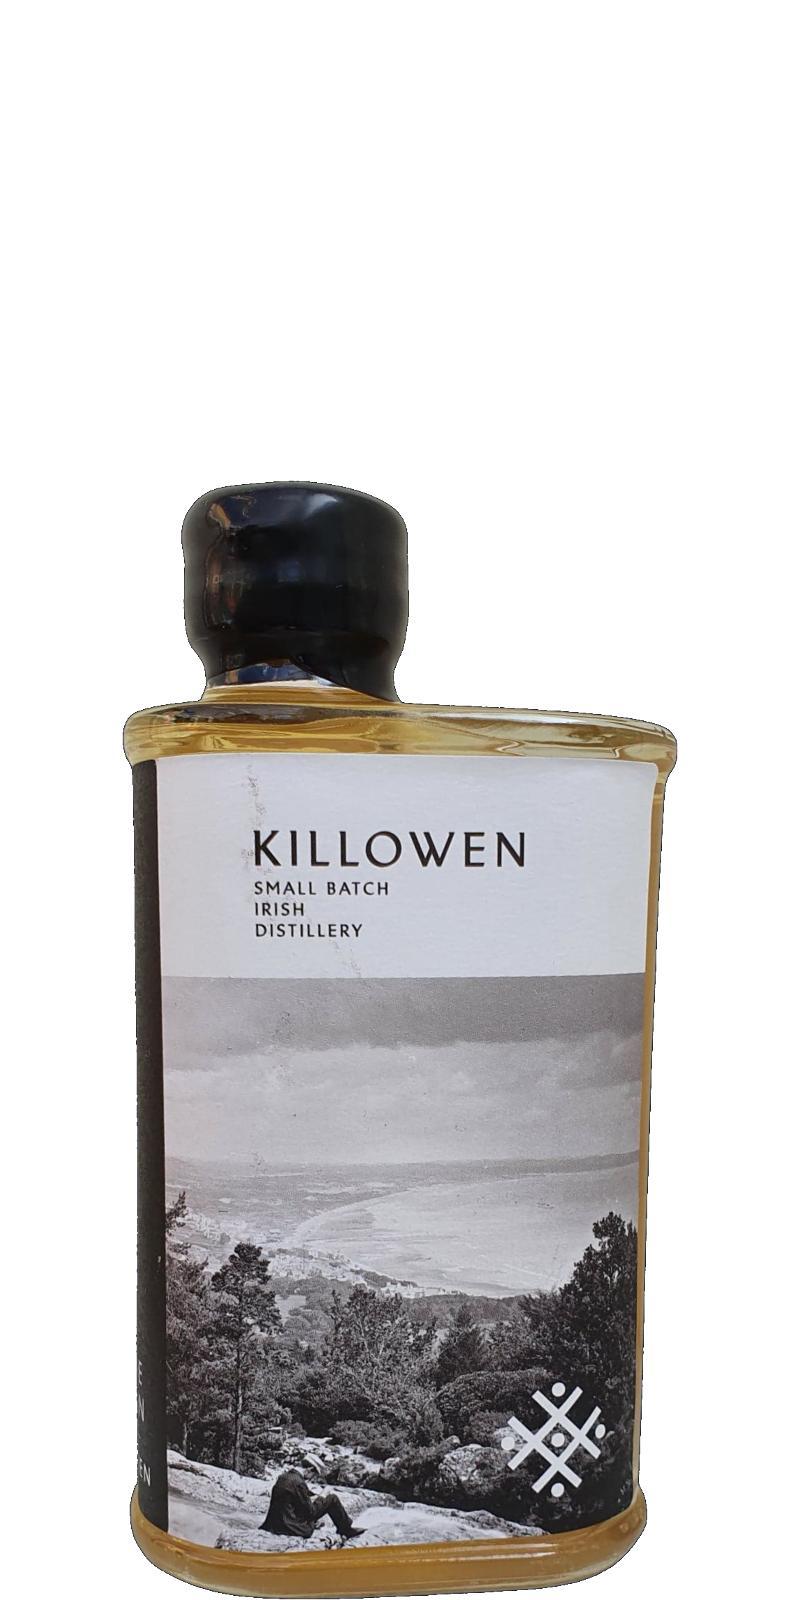 Killowen Donard